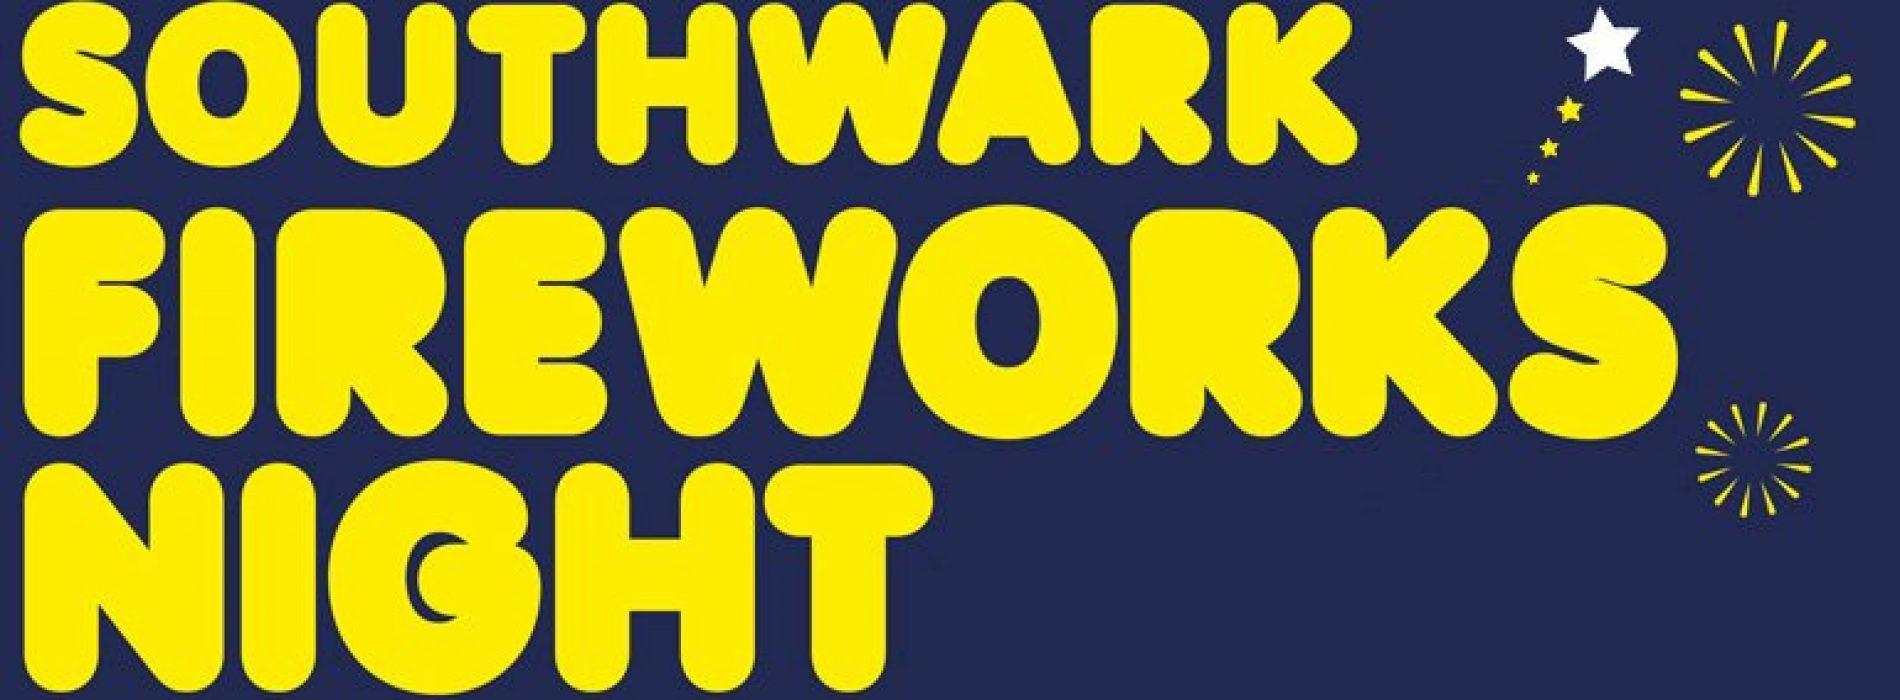 Southwark Fireworks Night 2016